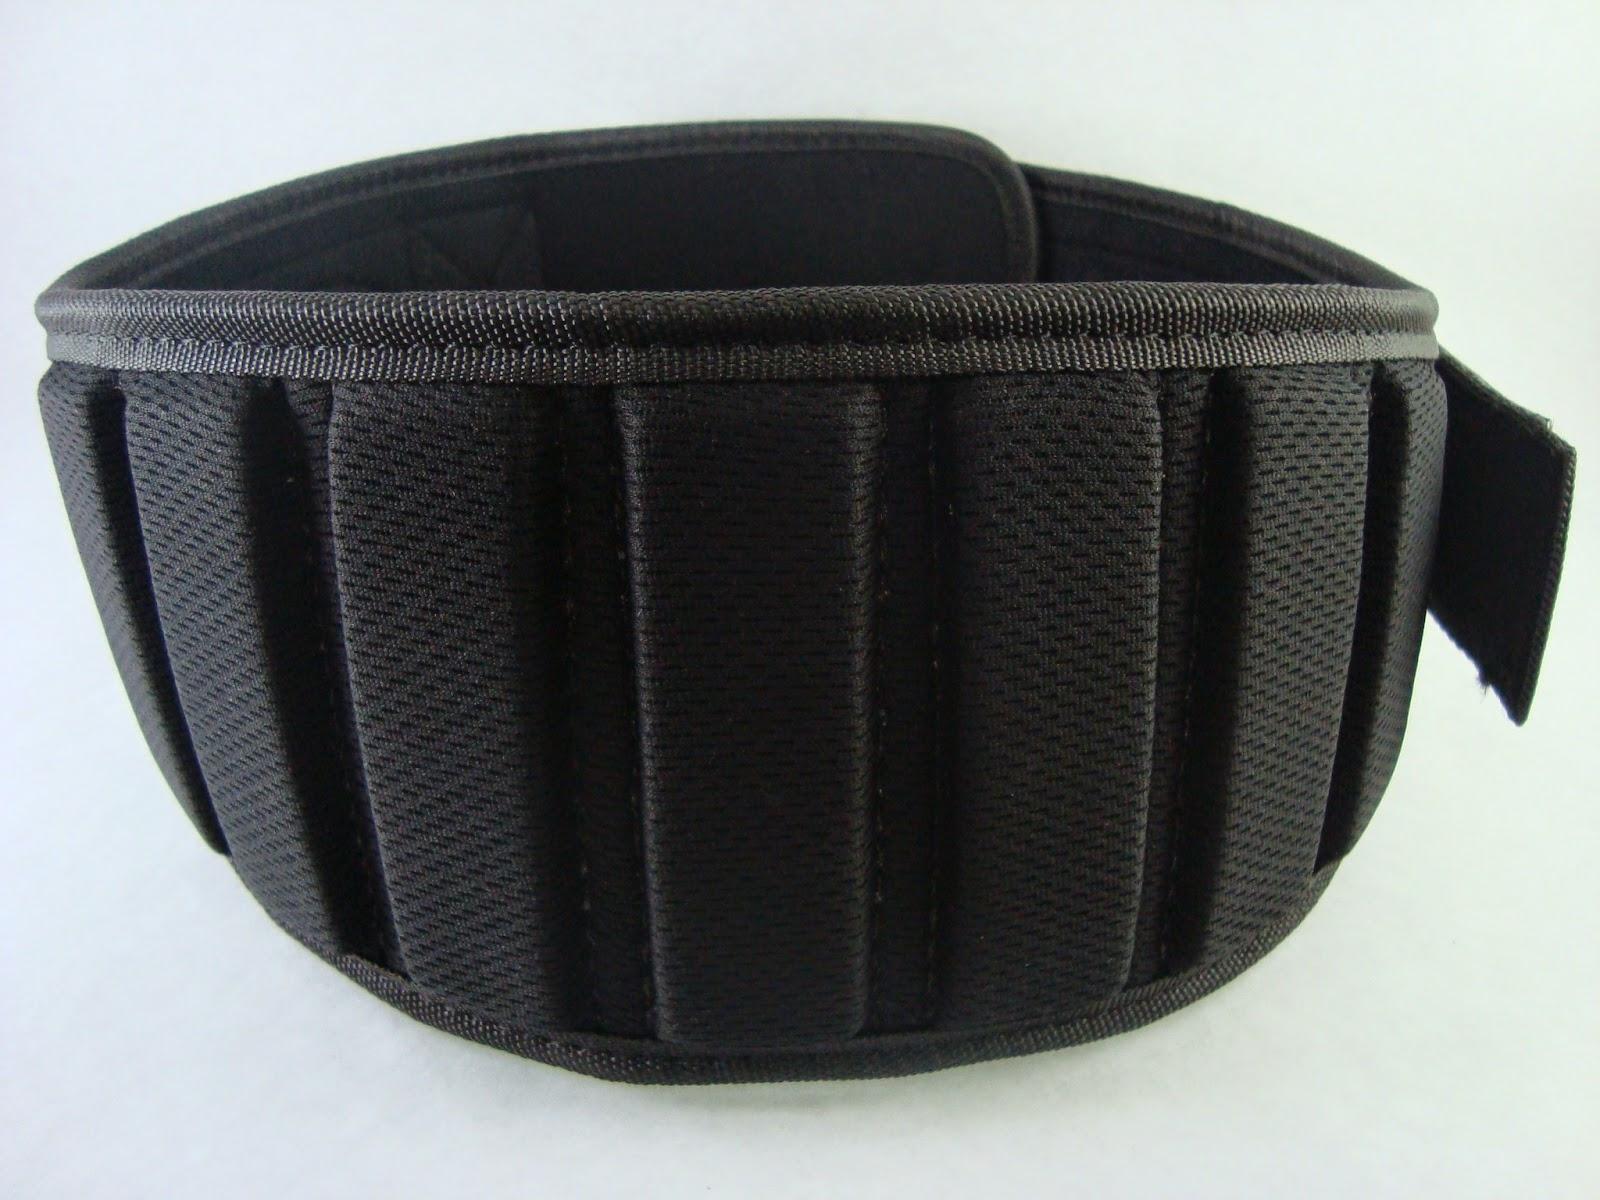 Cinturon jogger